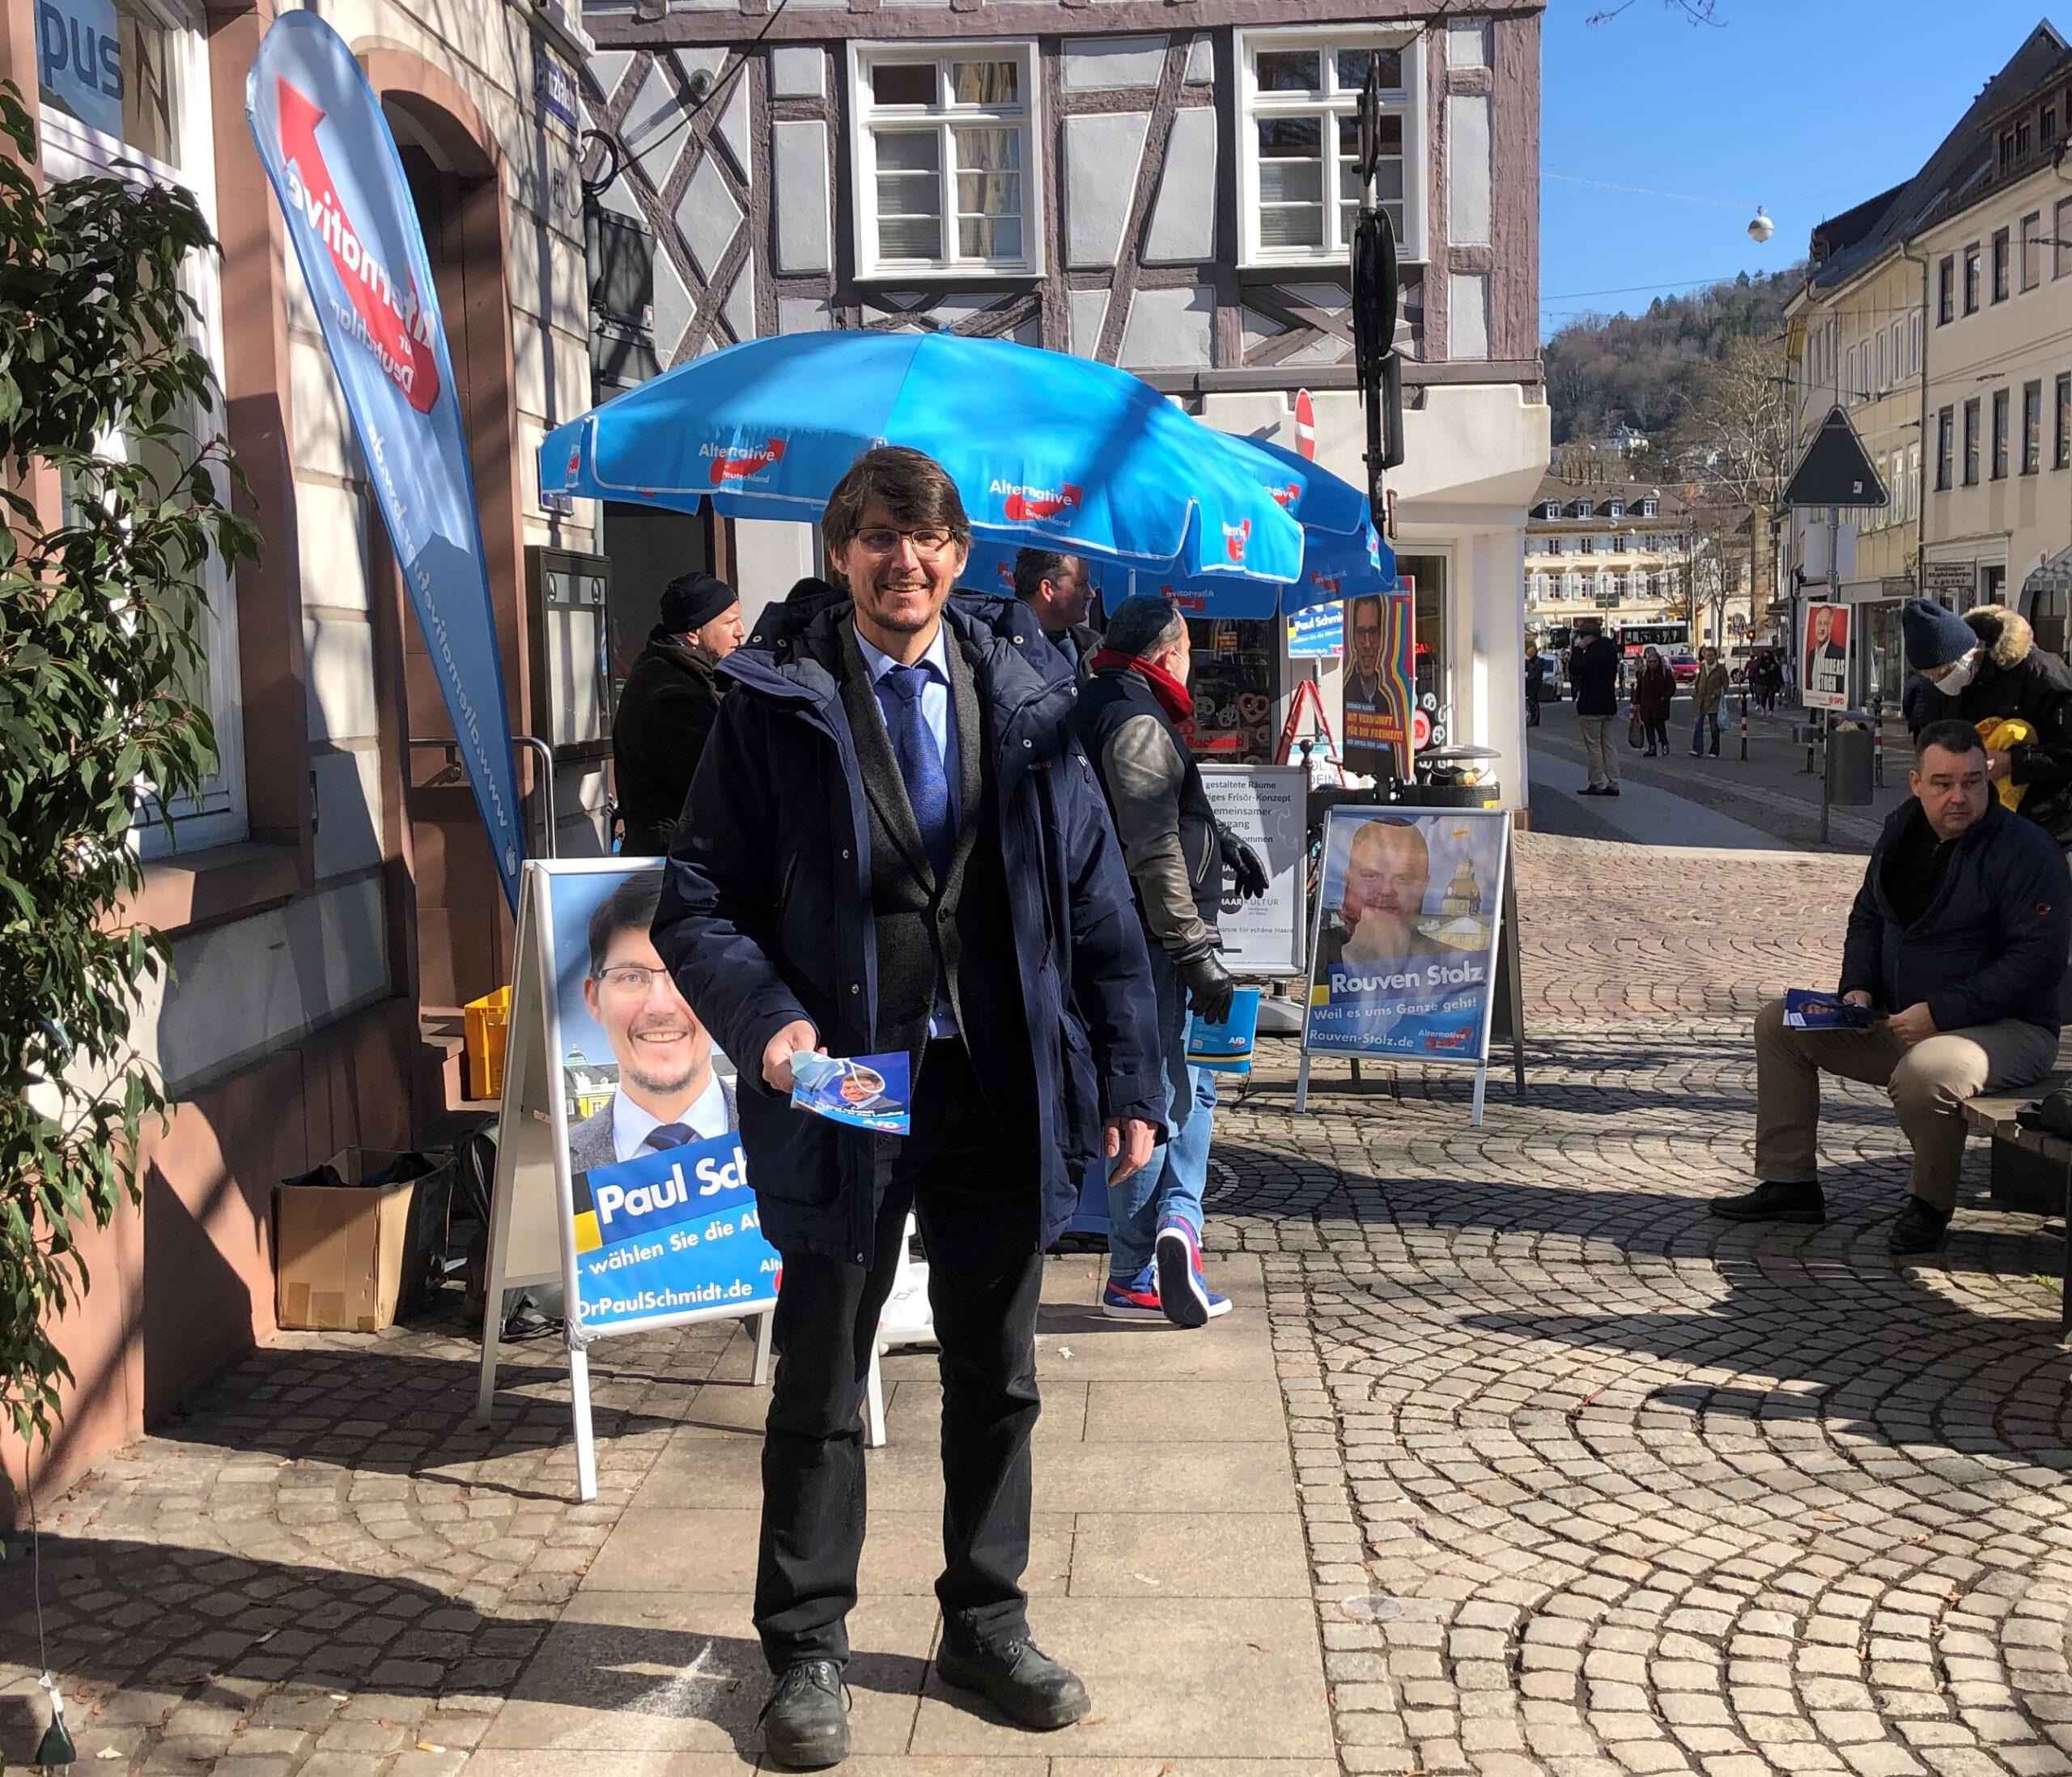 Am Wahlkampfstand in Durlach am 06.03.2021